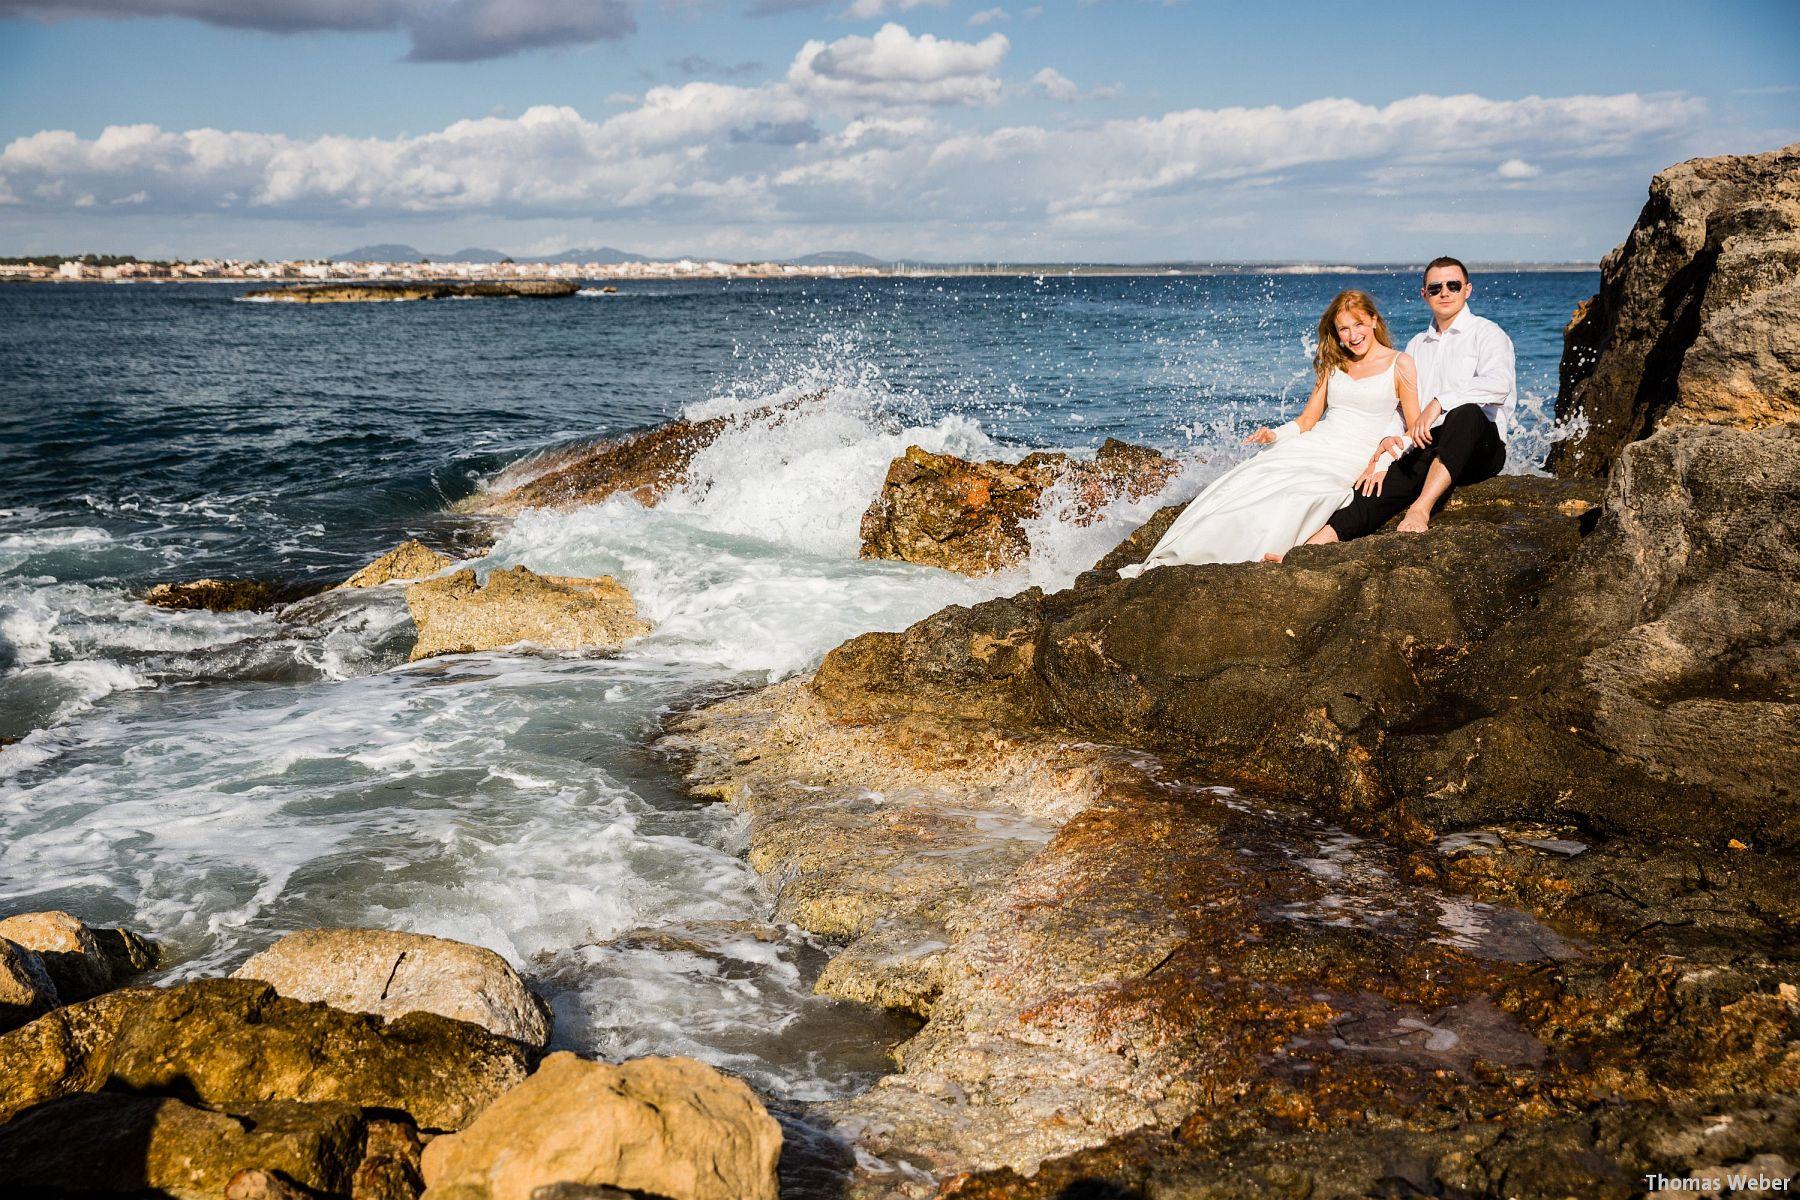 Hochzeitsfotograf Thomas Weber aus Oldenburg: Hochzeitsfotos und Paarfotos auf Mallorca (23)